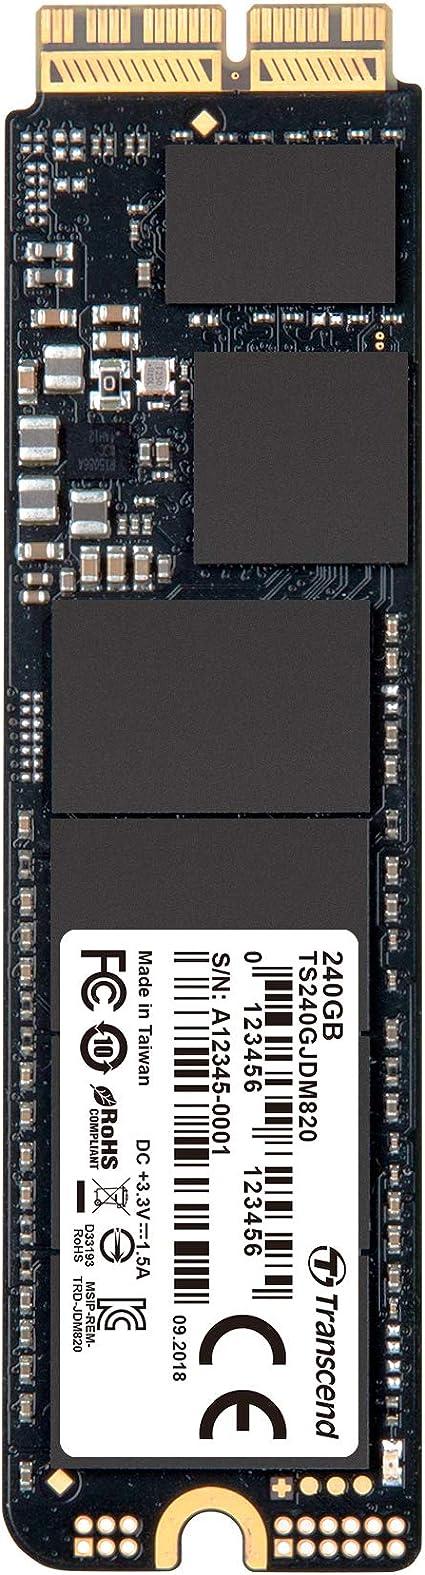 Transcend 480 Gb Jetdrive Jdm 820 Ahci Pcie Gen3 X2 Ssd Computer Zubehör